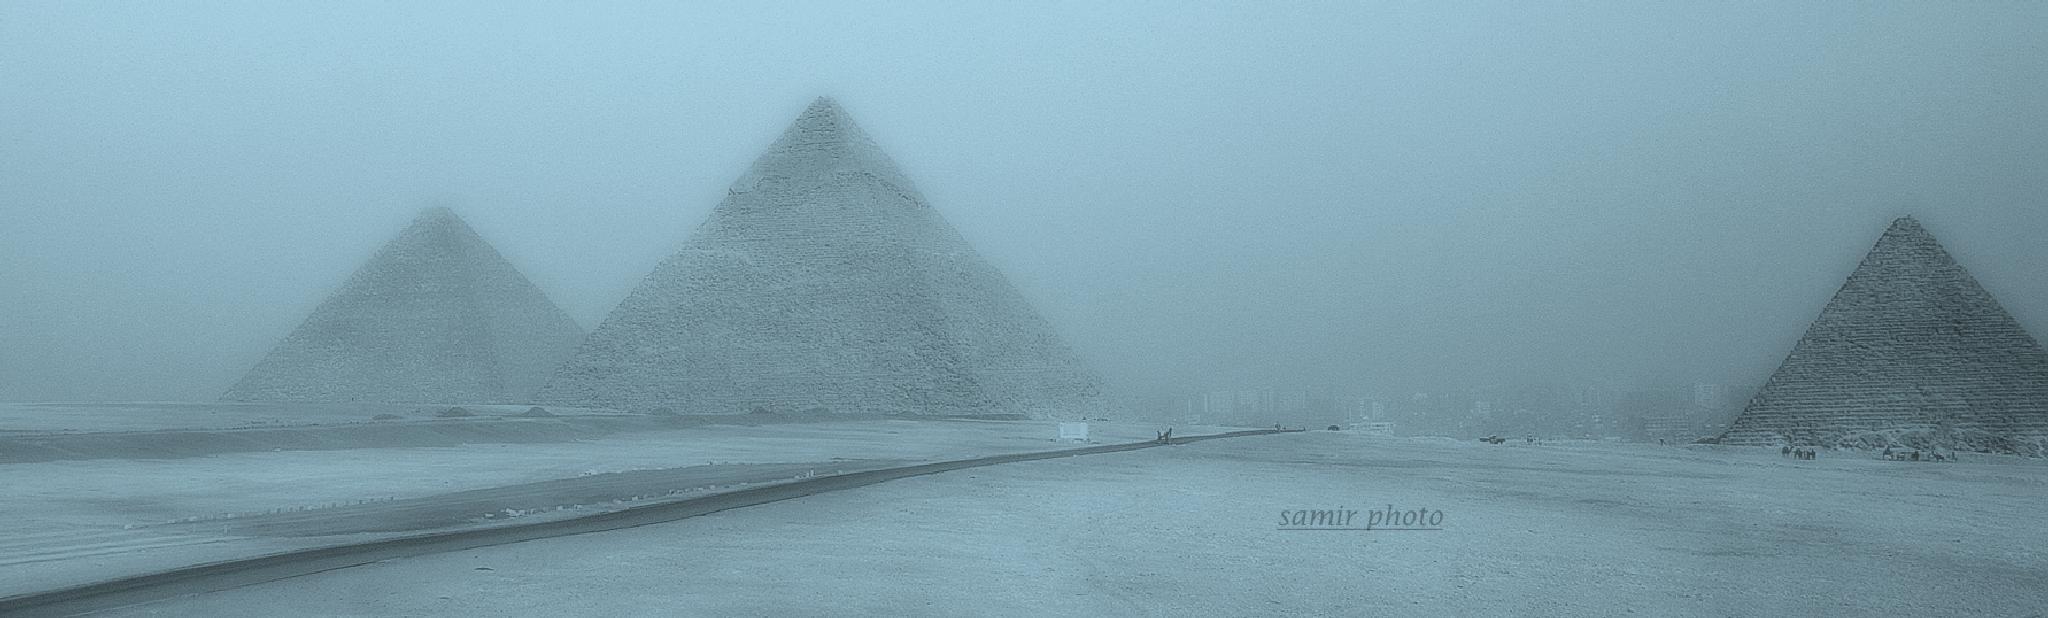 giza pyramid by samirsarkar